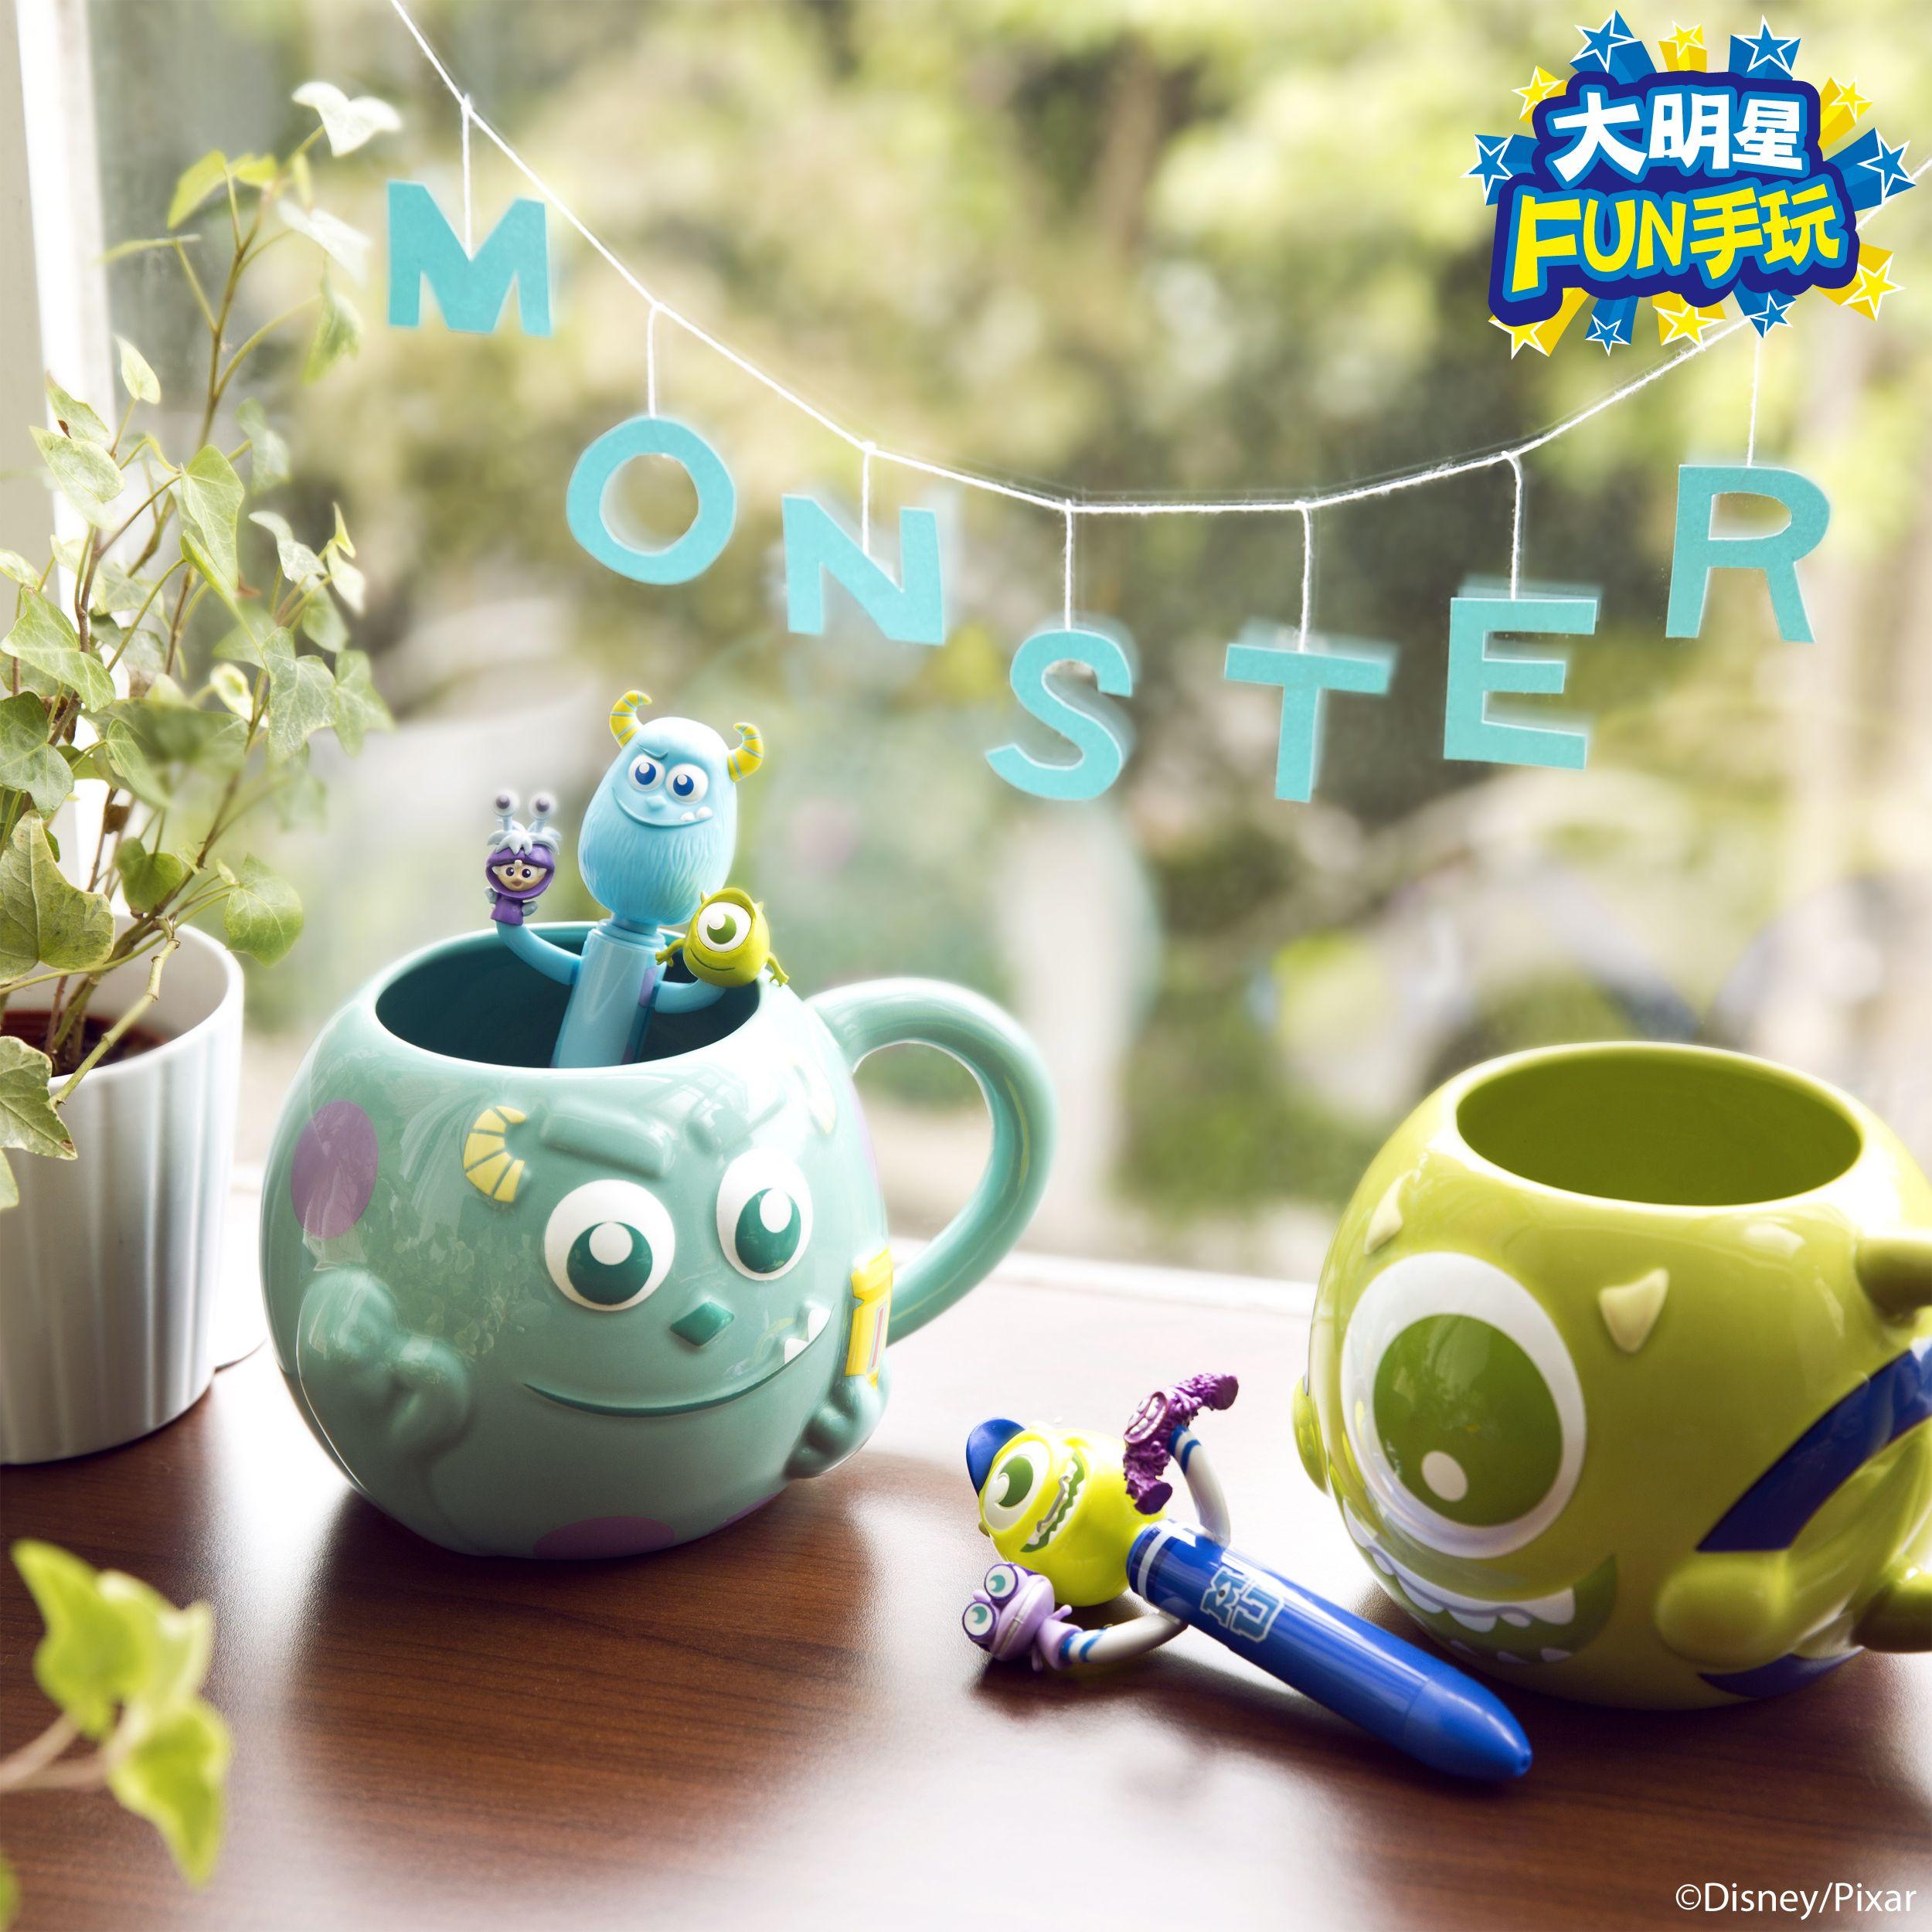 有皮克斯陪伴的日子不寂寞:)毛怪&大眼仔組一對恰恰好! #sulley #MonstersUniversity #Pixar @familymart